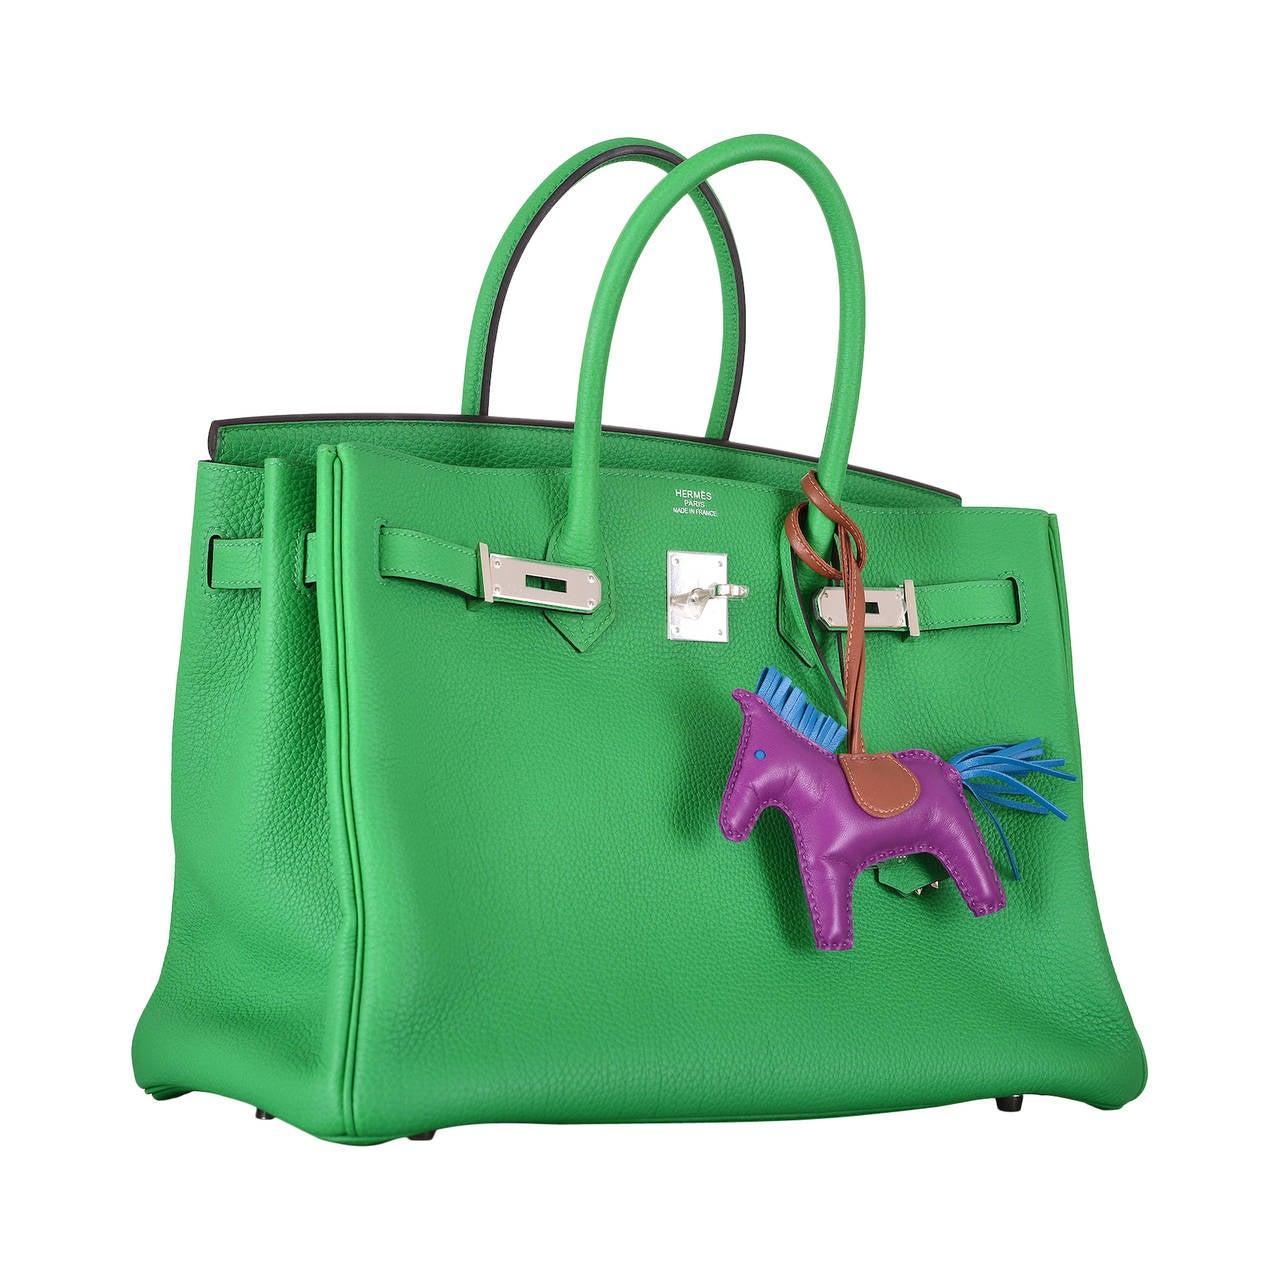 replica hermes handbags uk - hermes terre cuite ostrich birkin 30cm palladium hardware